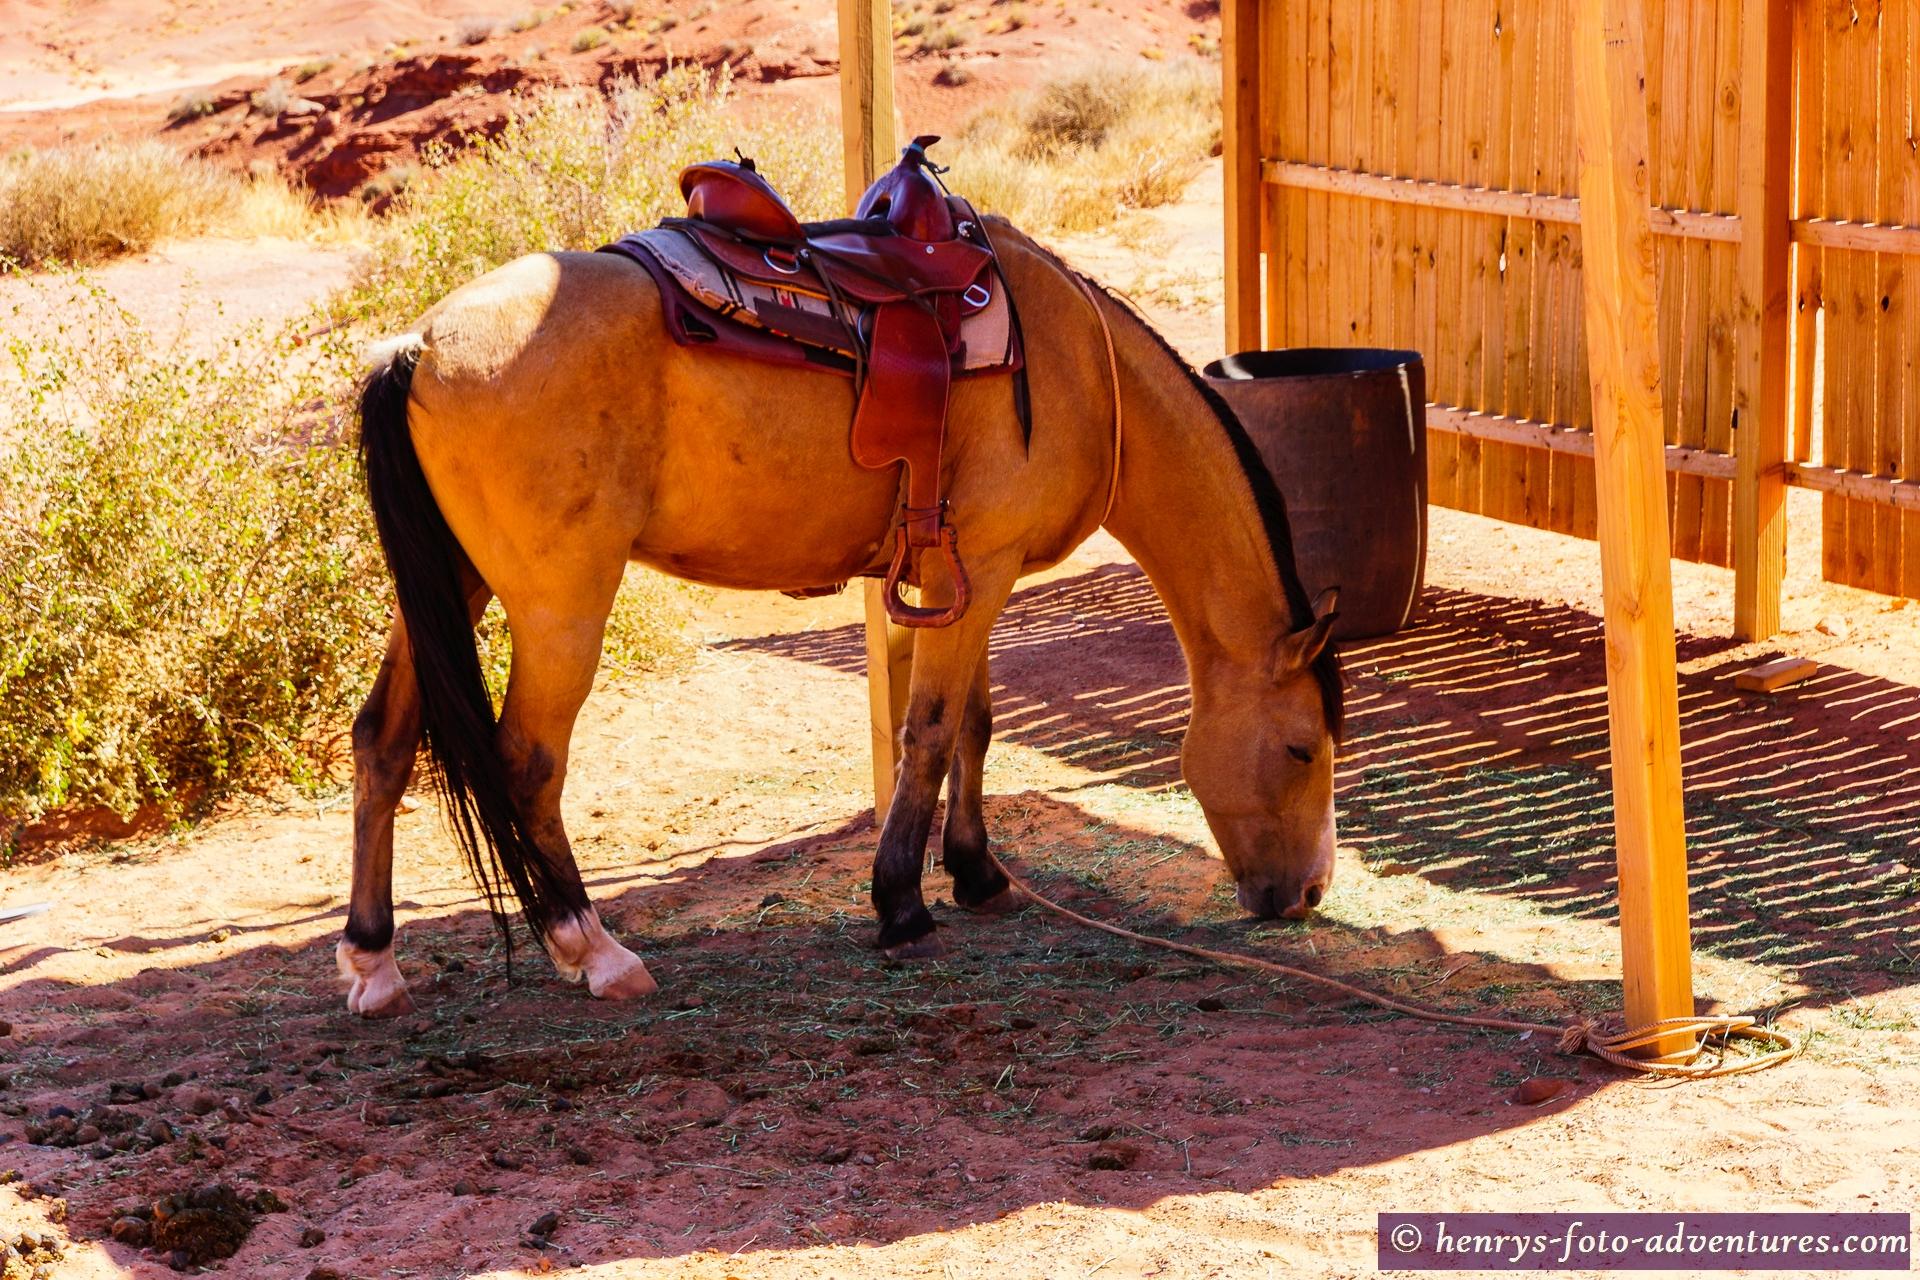 hier darfst du mal richtig Cowboy spielen